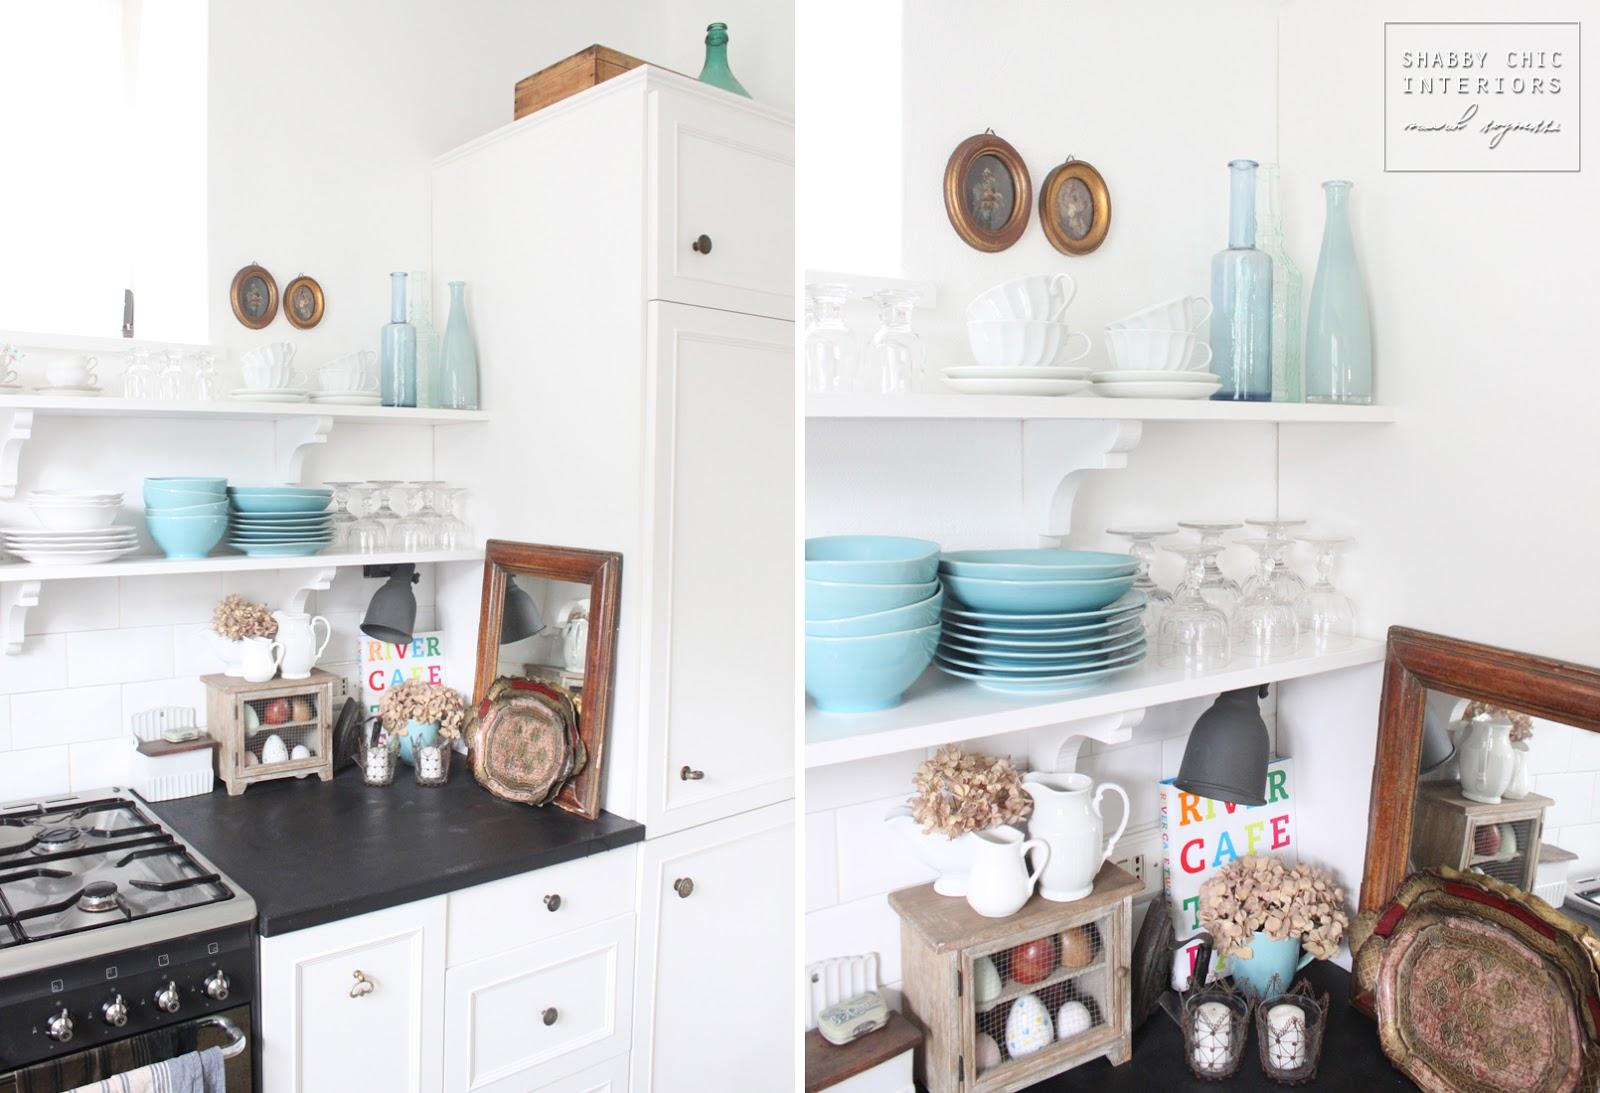 Uno specchio in cucina shabby chic interiors - Cucina shabby ikea ...